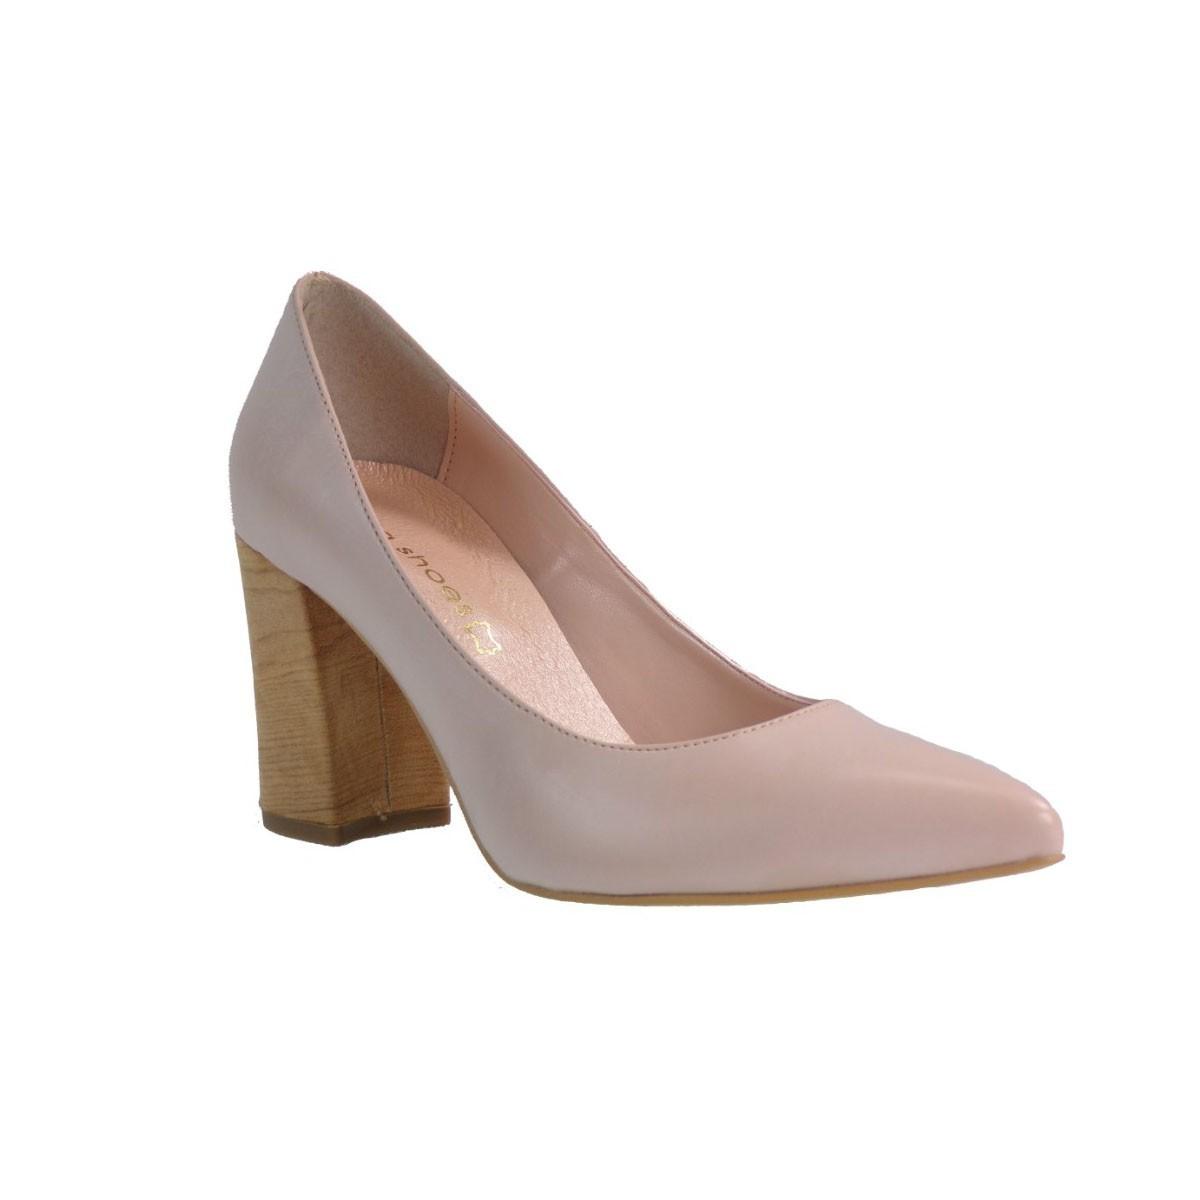 Katia Shoes Γυναικεία Παπούτσια ΓΟΒΑ 1789 Πούδρα Katia shoes ΓΟΒΑ 1789 Πούδρα